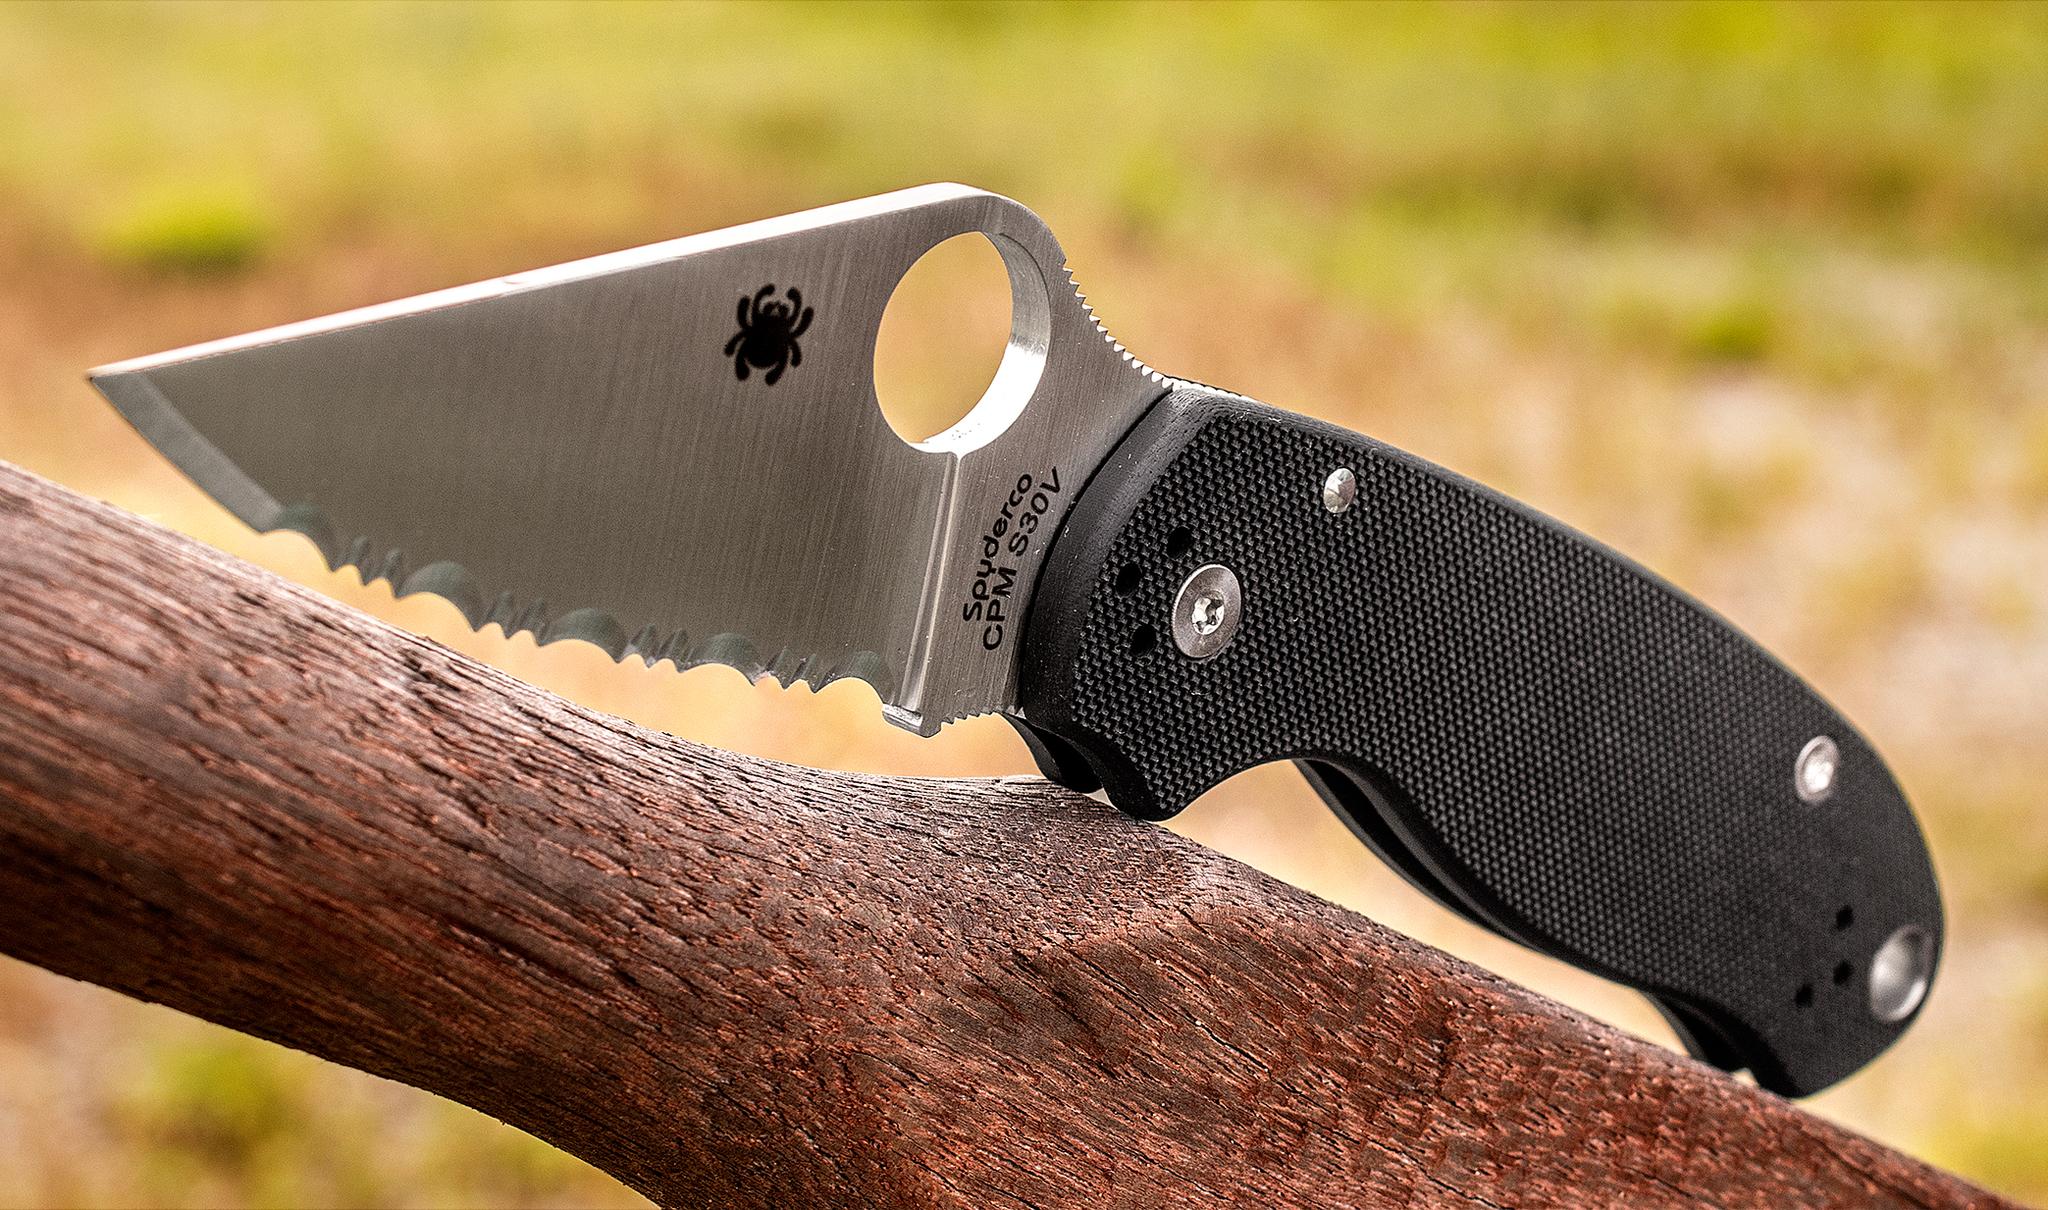 Фото 10 - Нож складной Para 3 - Spyderco 223GS, сталь Crucible CPM® S30V™ Satin Serrated, рукоять стеклотекстолит G10, чёрный